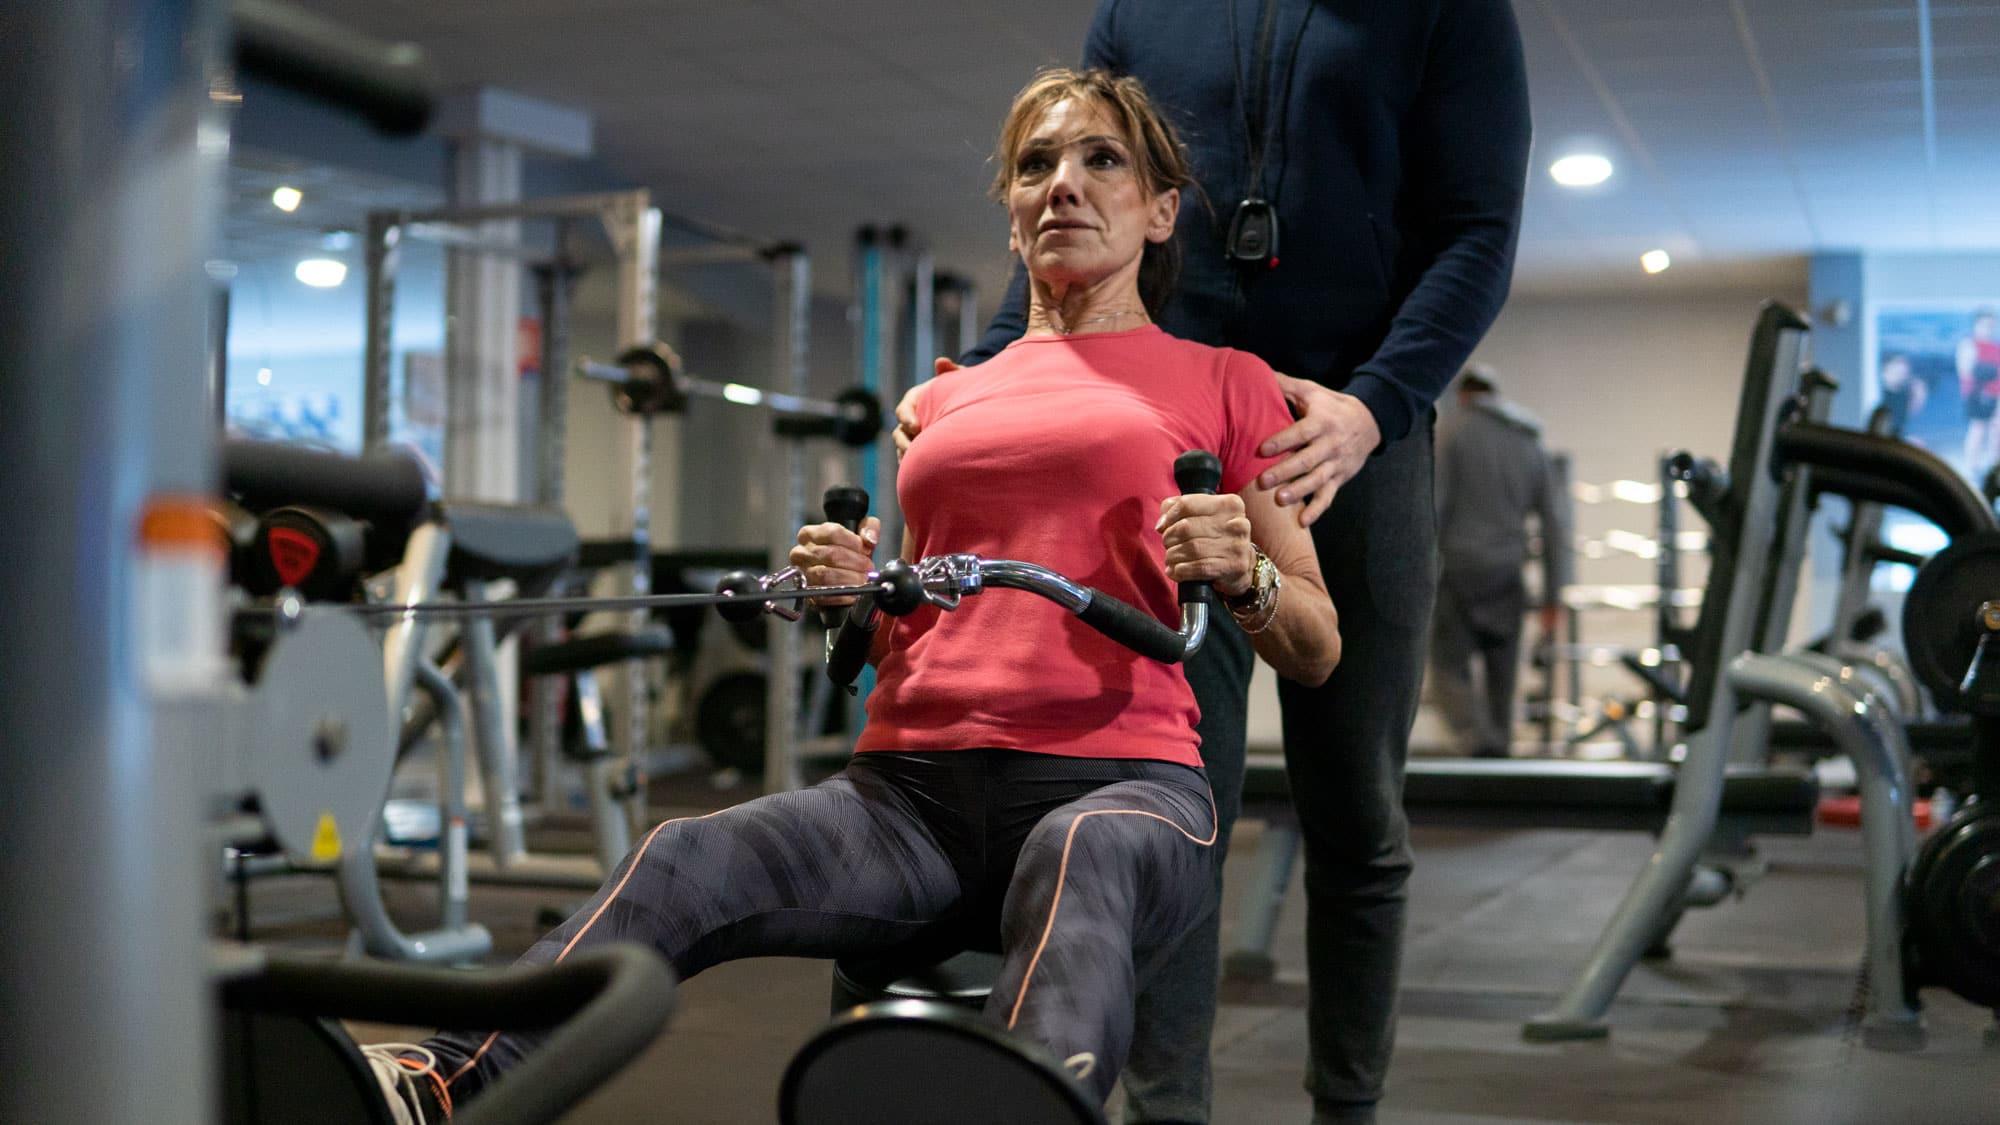 Comment se remettre en forme à 60 ans ? Les conseils de votre Coach